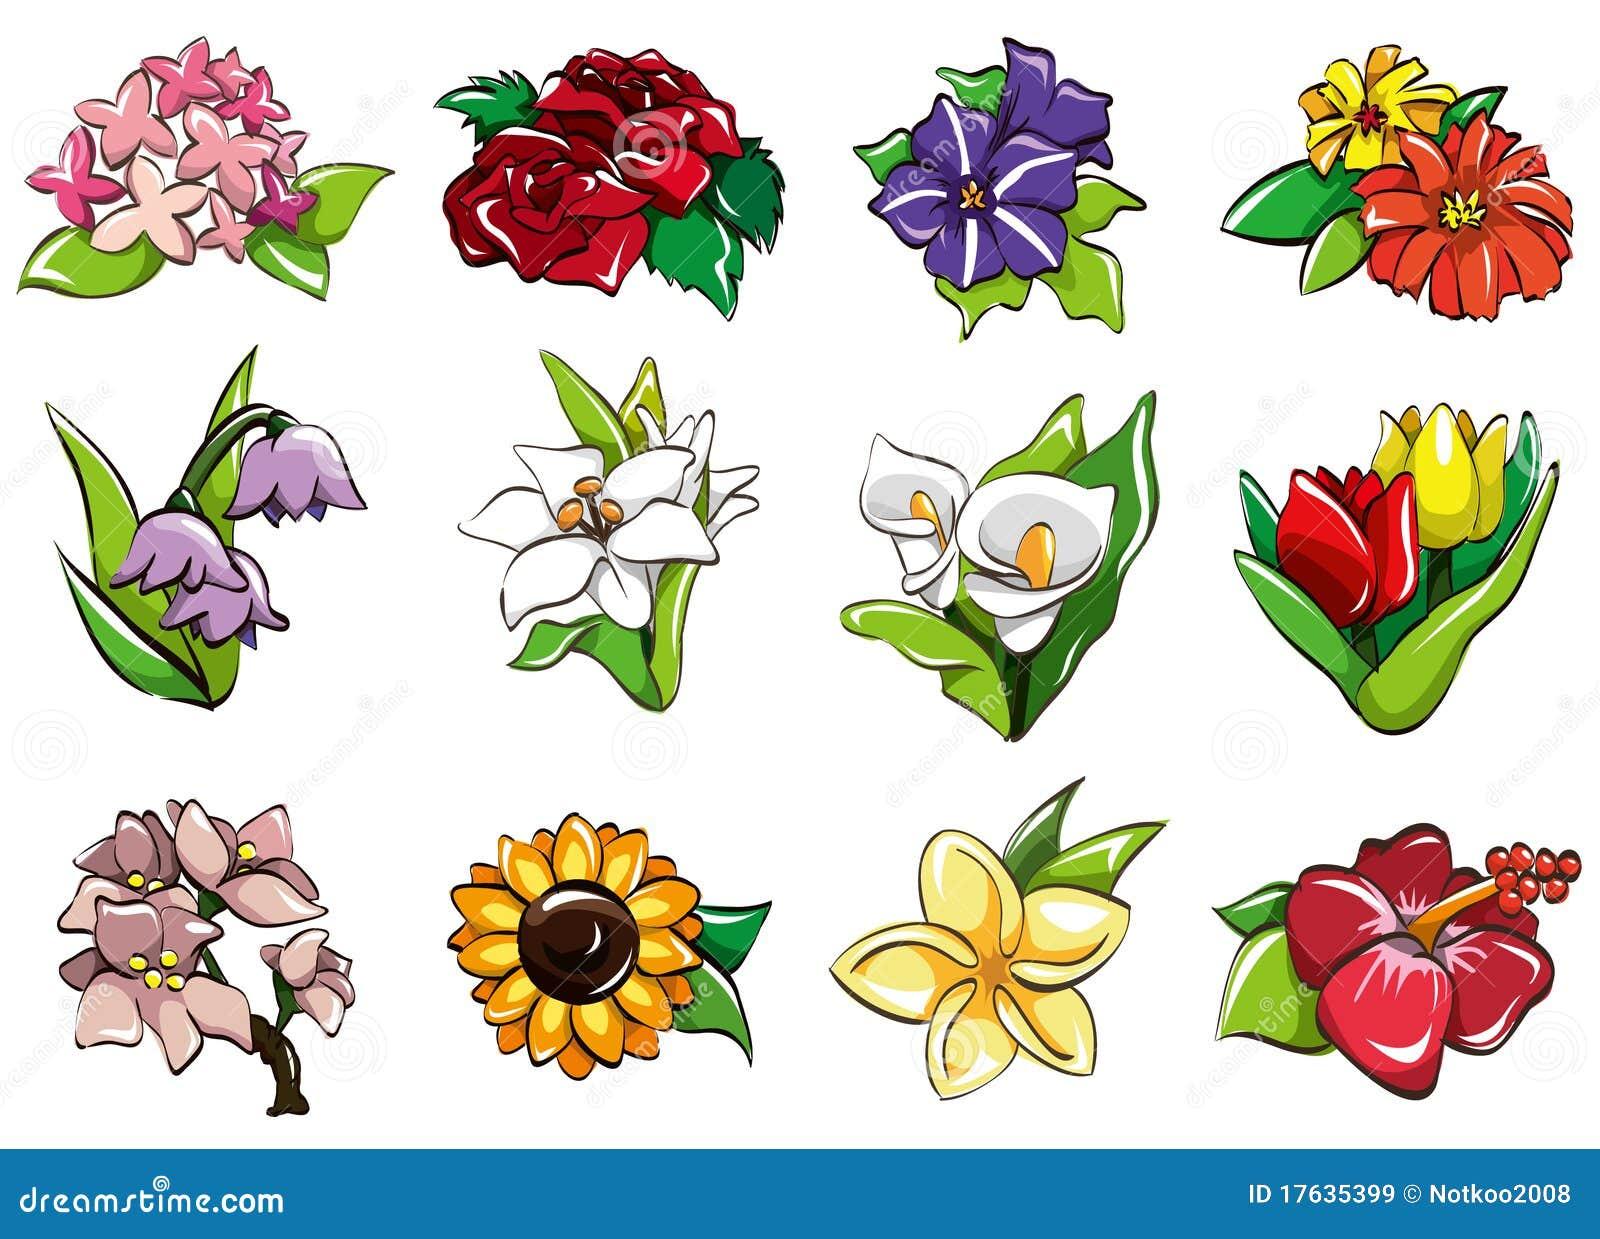 Изображения разных цветов